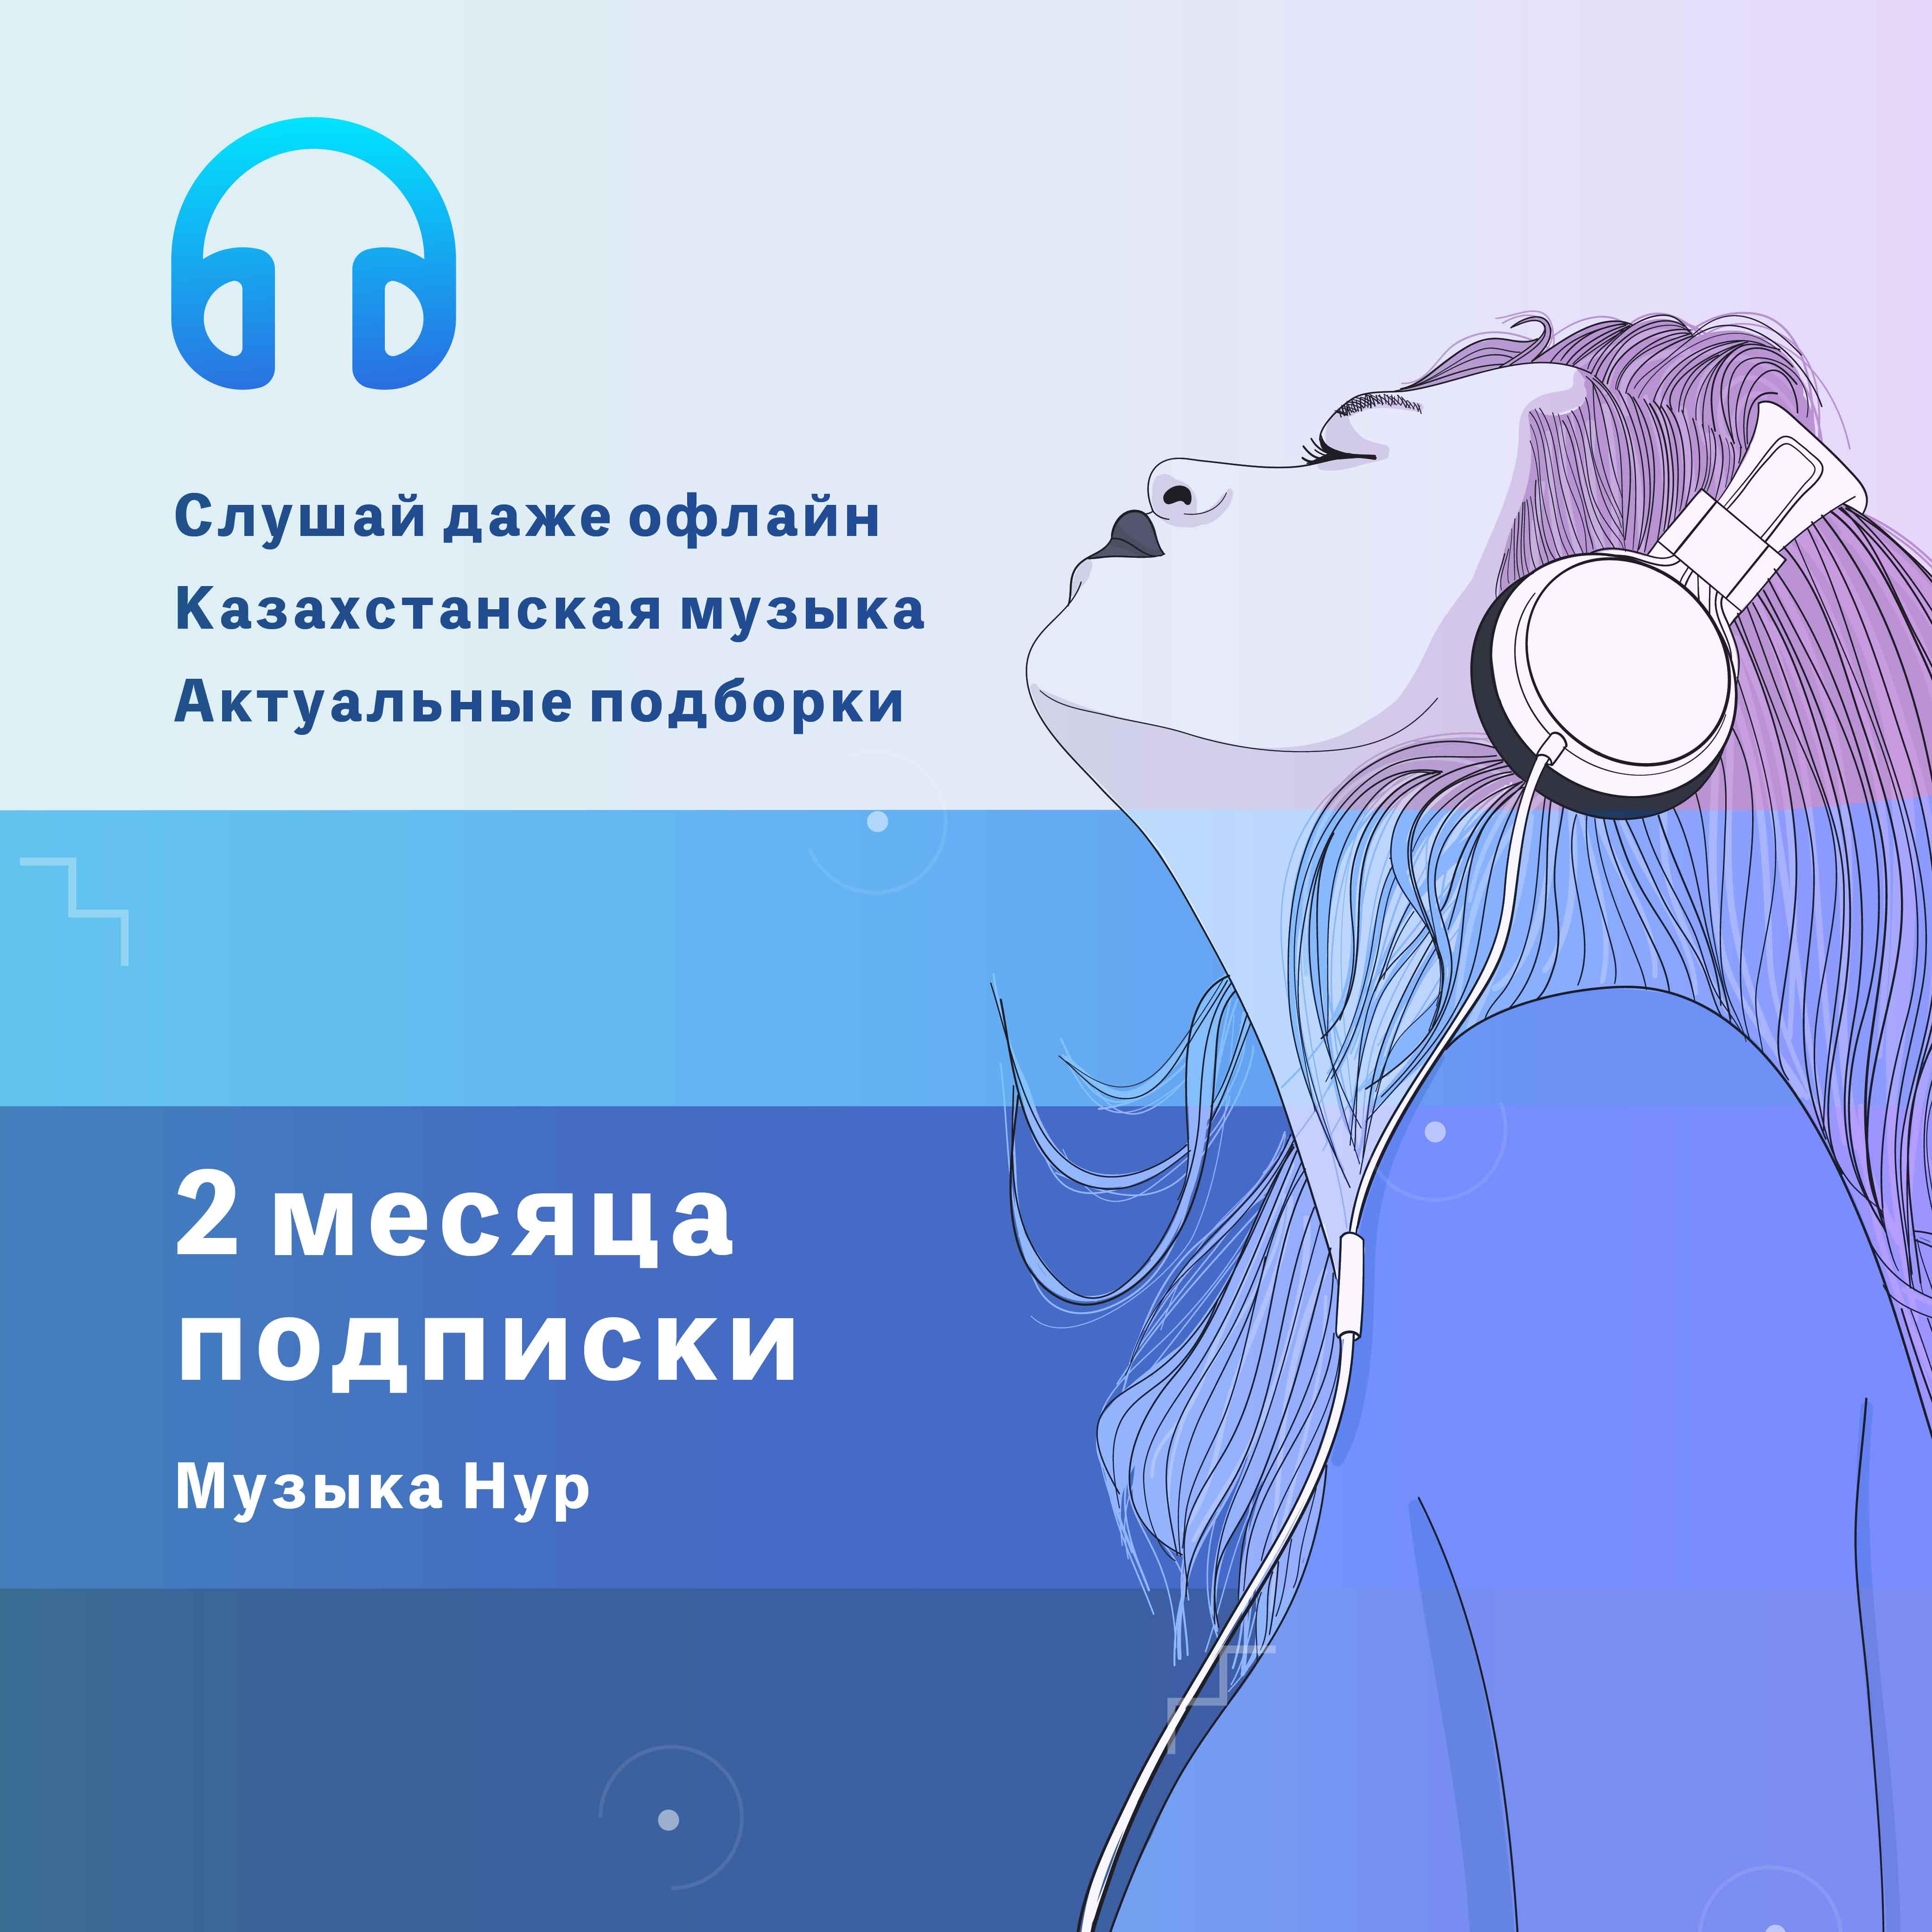 """Подписка """"Музыка Нур"""" на 2 месяца"""